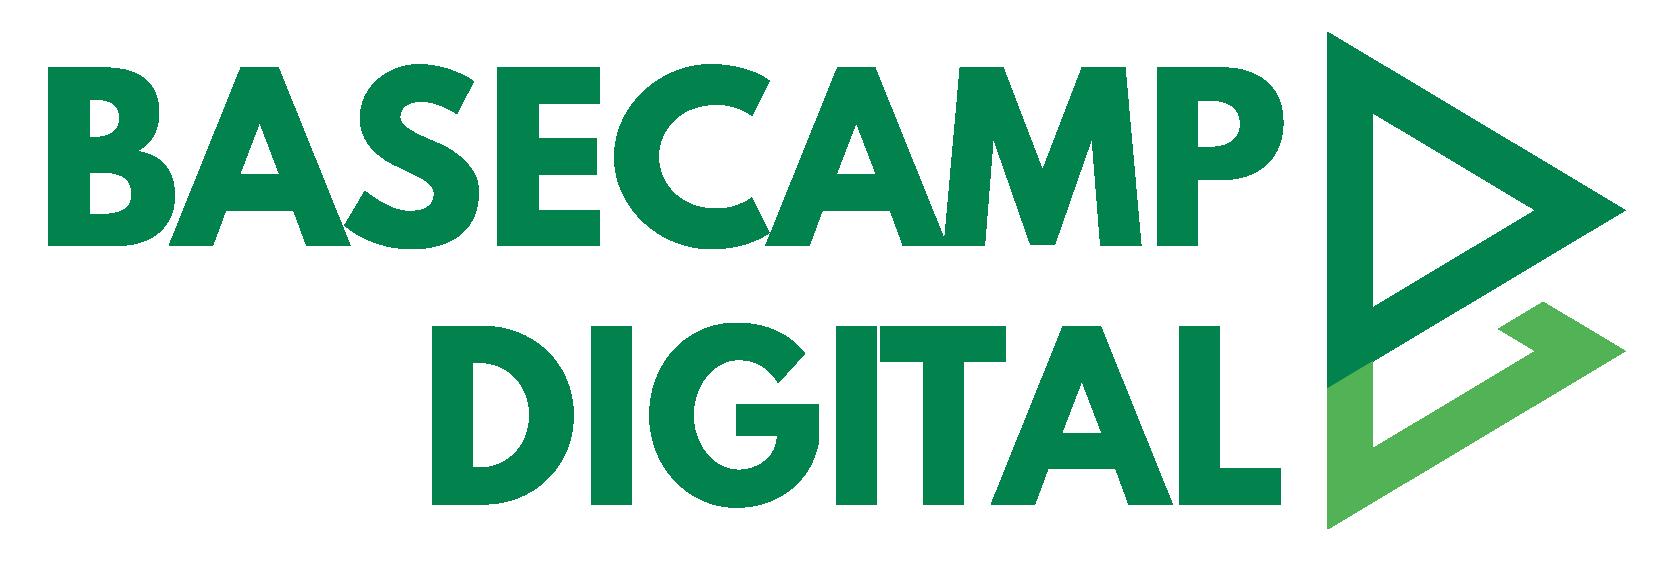 BaseCamp Digital - Digtial Marketing Courses in Andheri, Mumbai